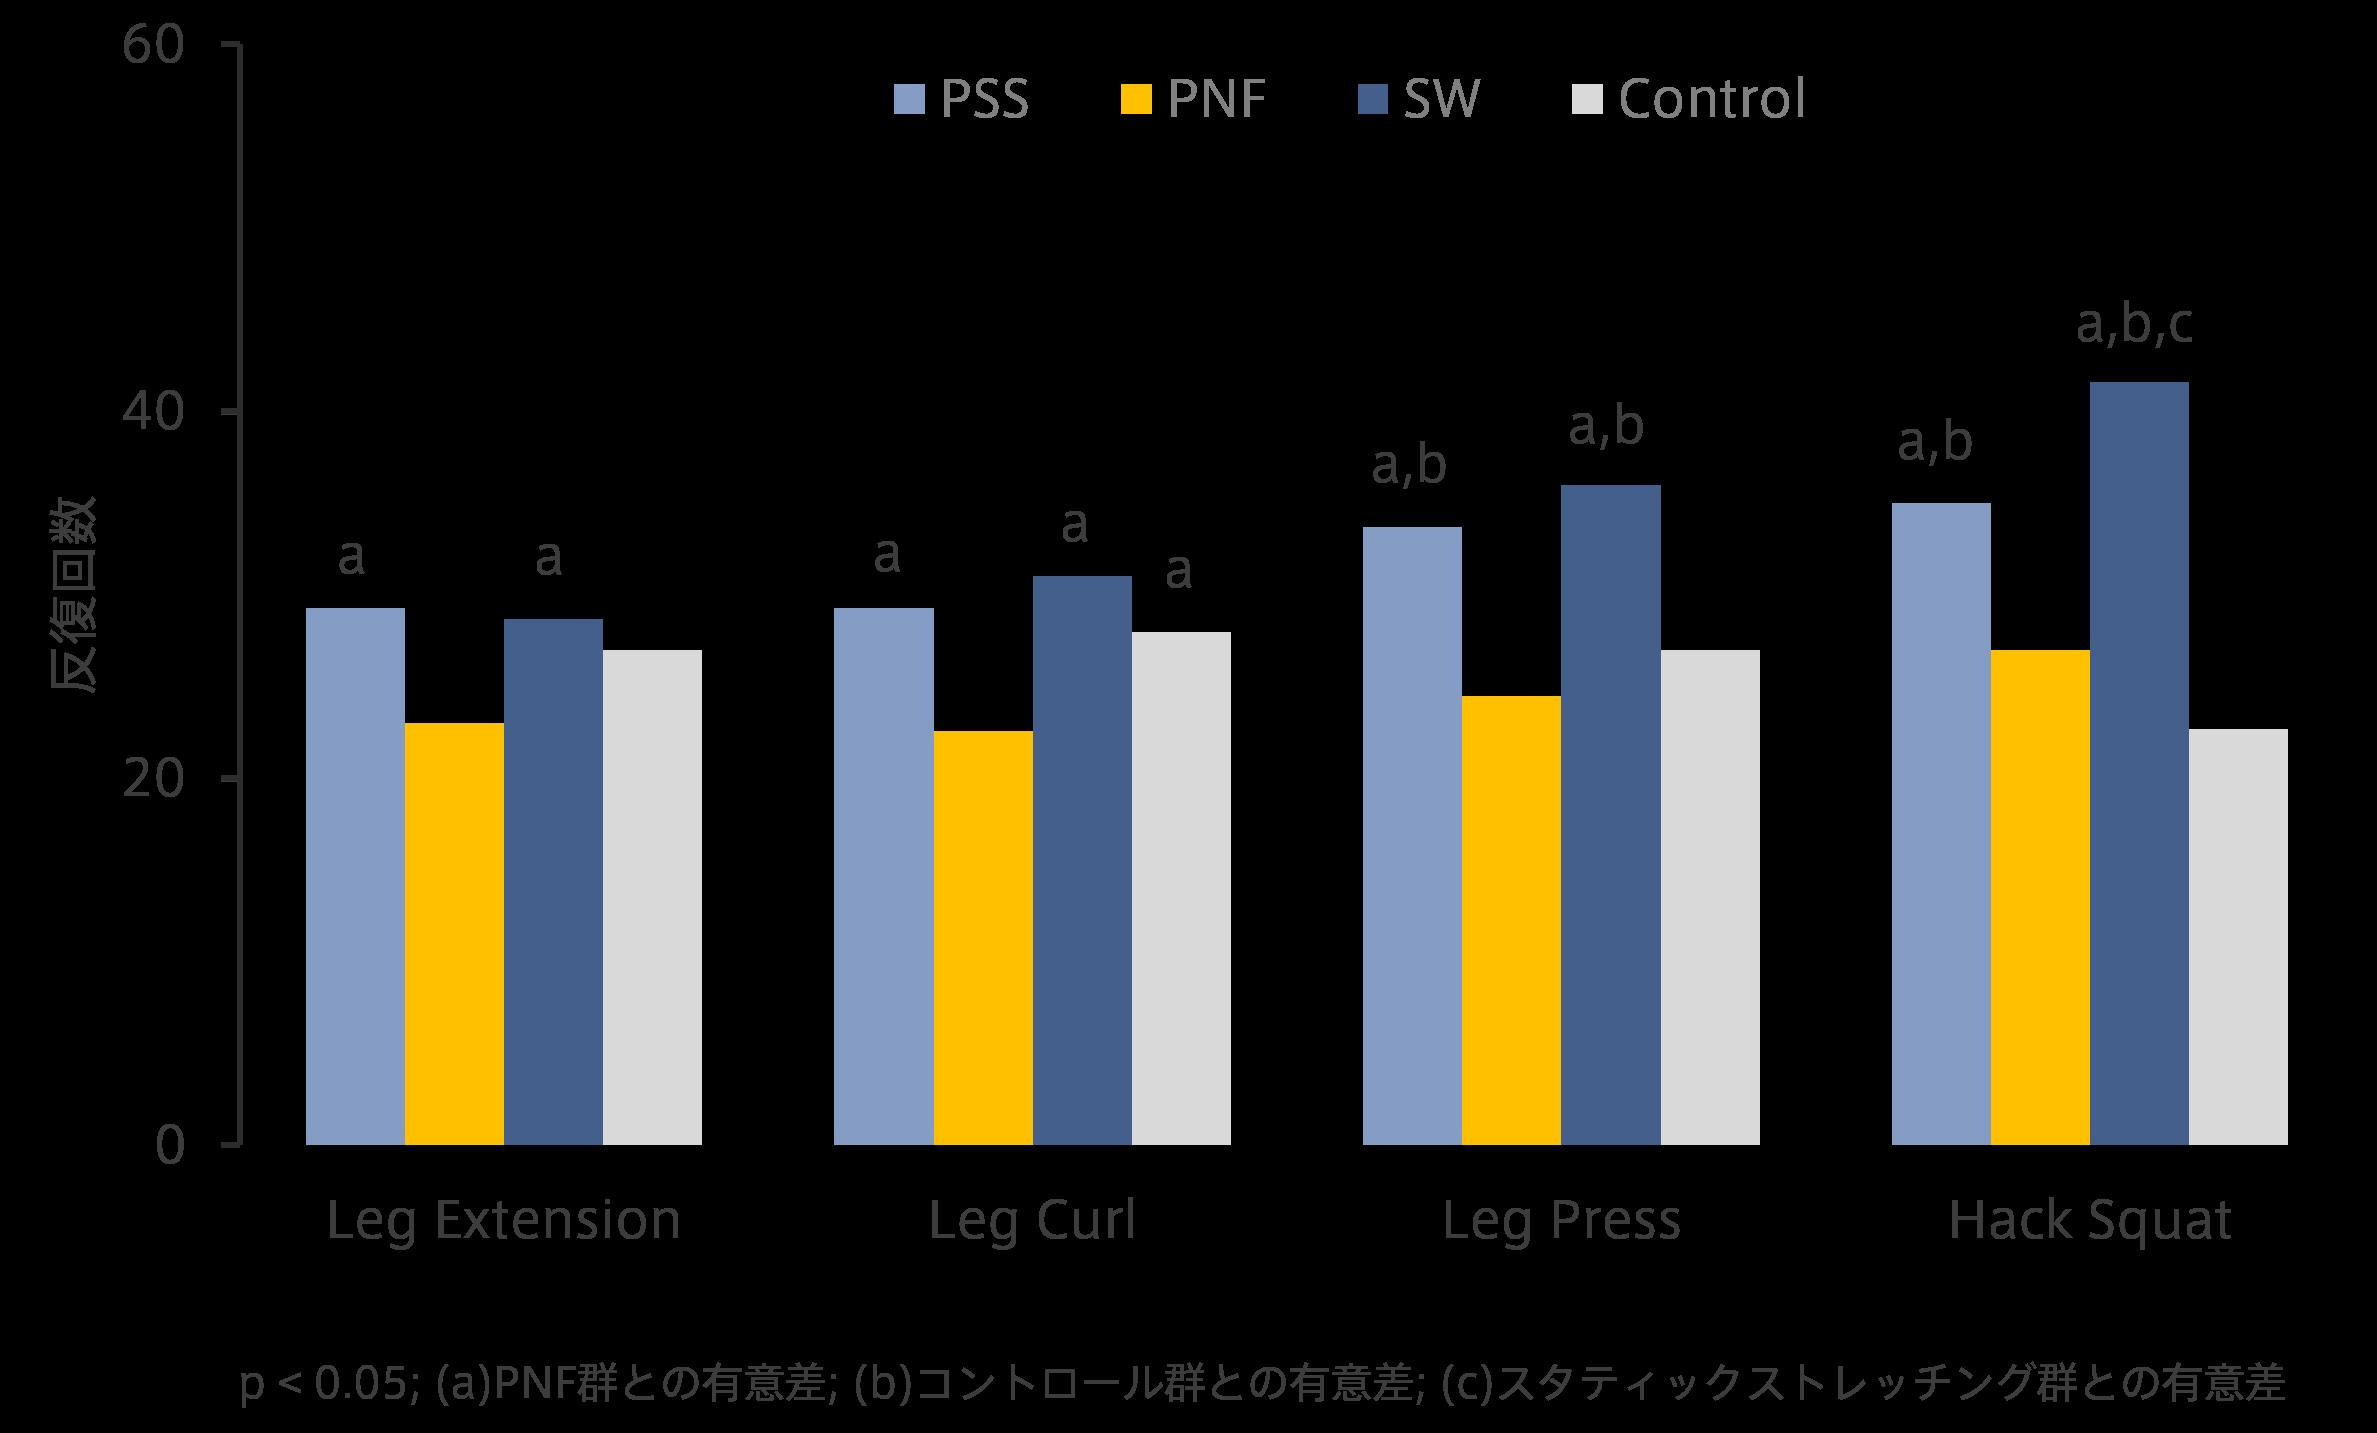 PNFストレッチングは反復回数を減少させる